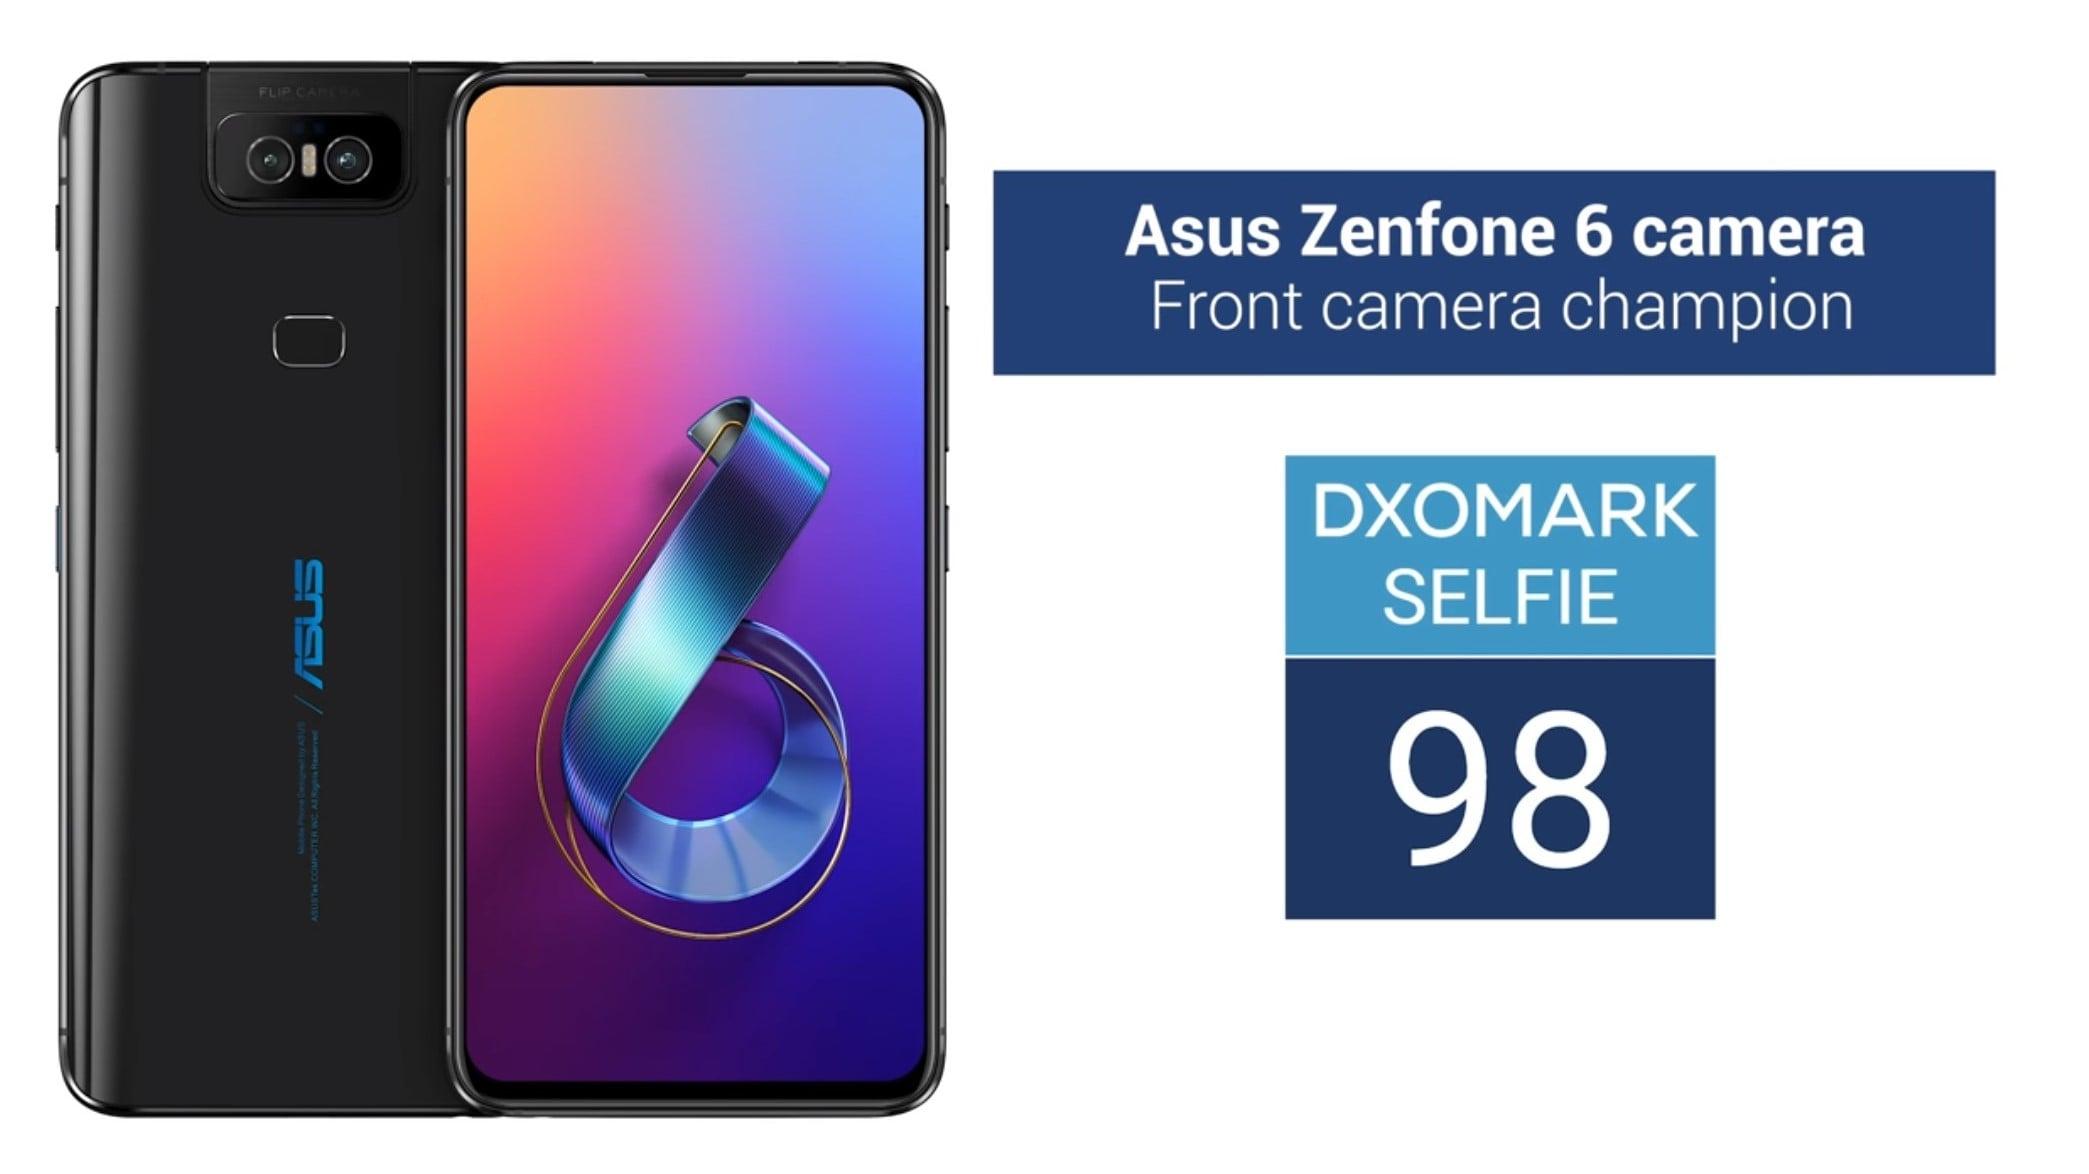 Dzięki jednemu sprytnemu zagraniu, Asus Zenfone 6 został liderem zdjęć selfie w rankingu DxOMark